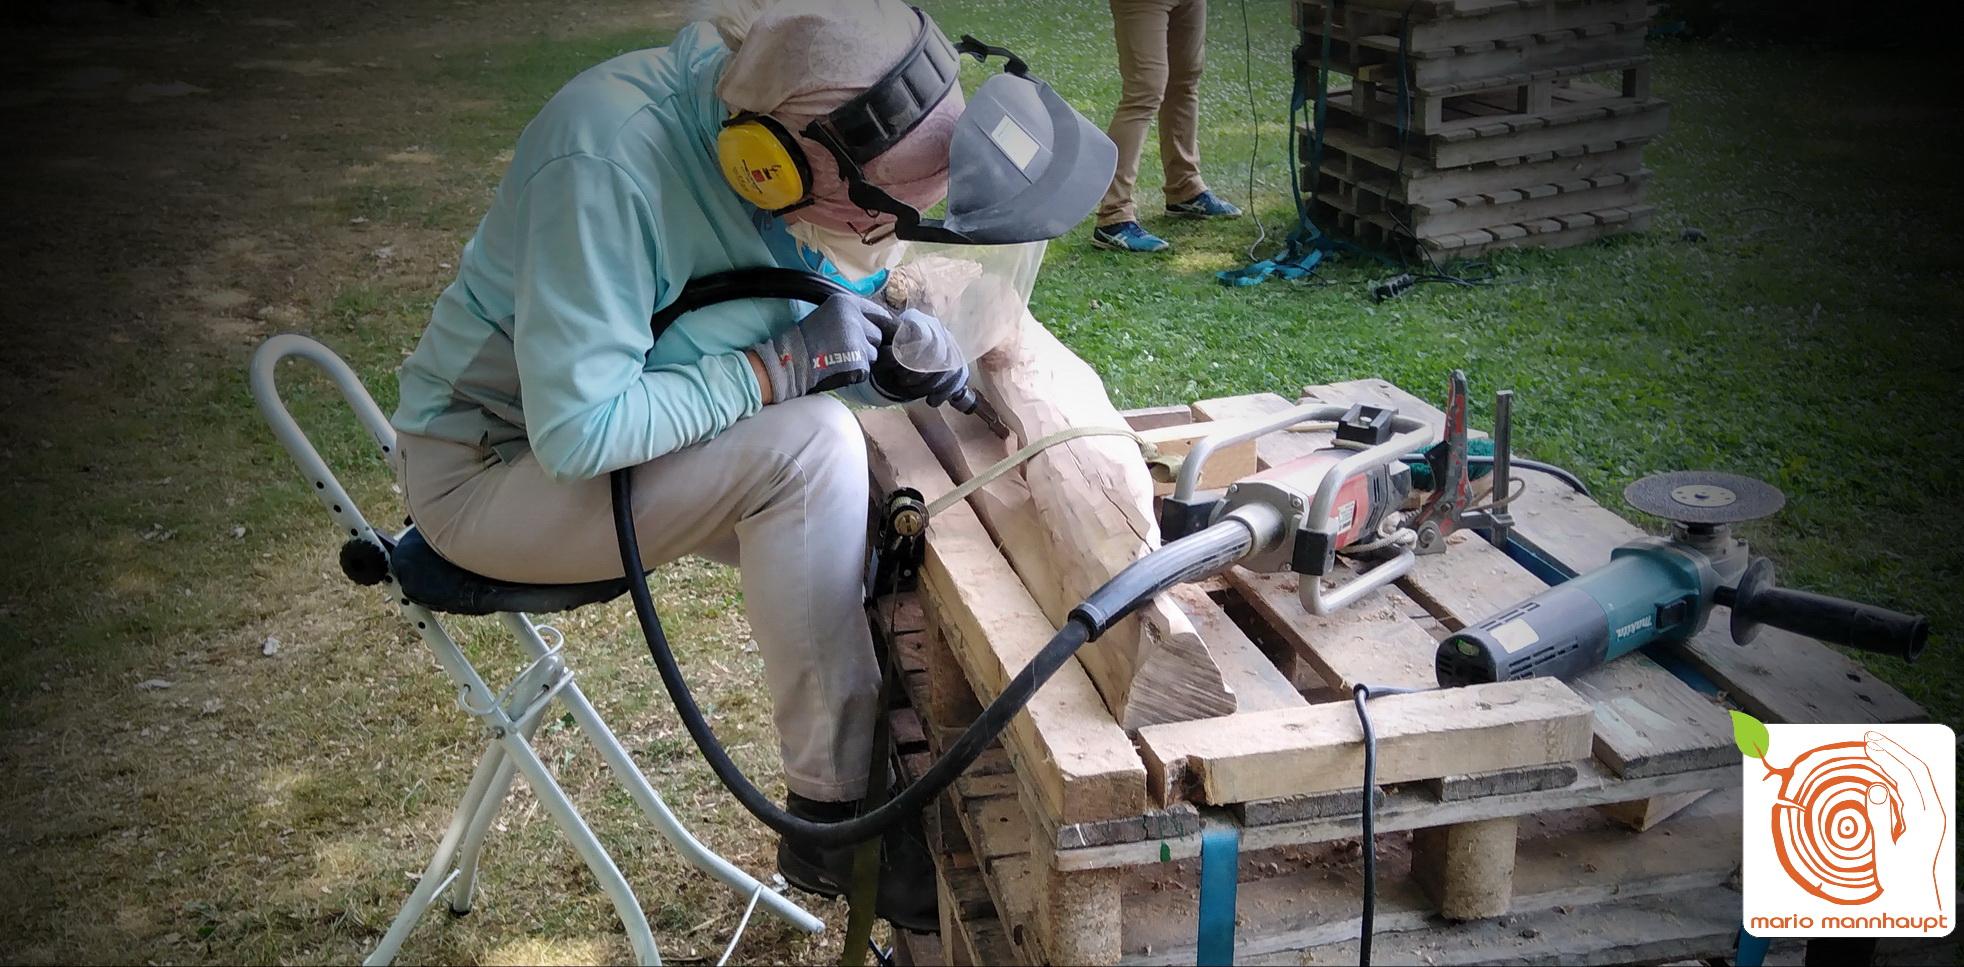 Holzbildhauerkurs mit und ohne Maschineneinsatz